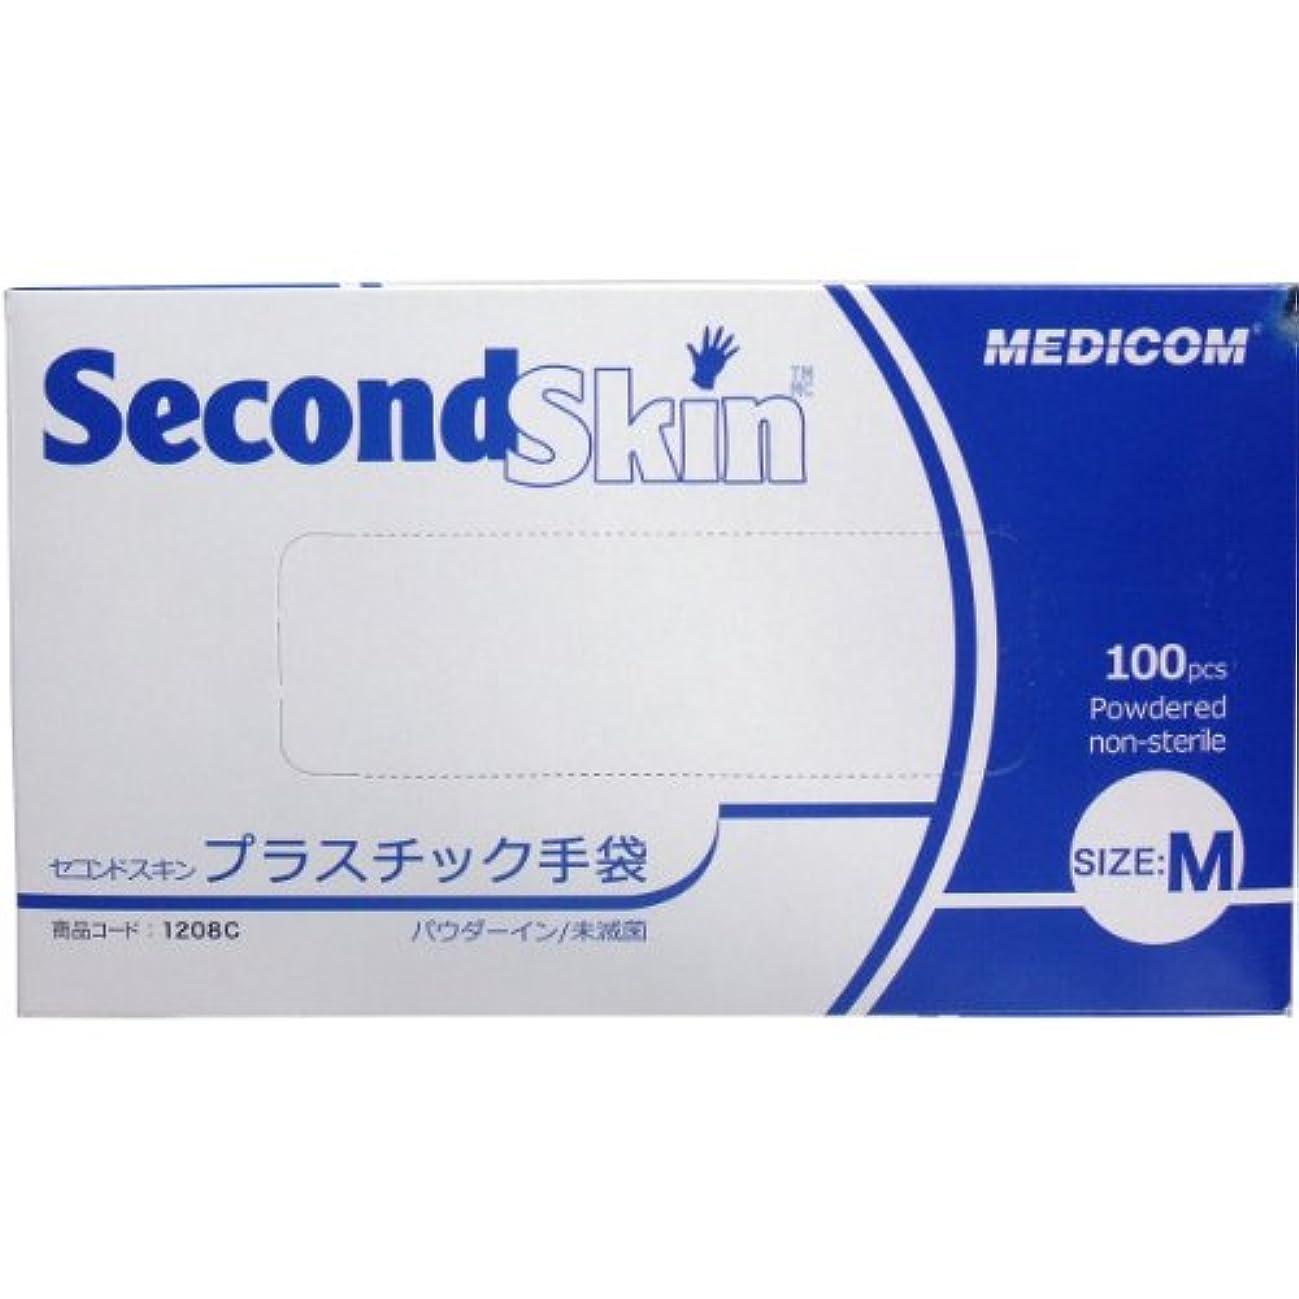 被る記者雰囲気セコンドスキン プラスチック手袋 Mサイズ 100枚入